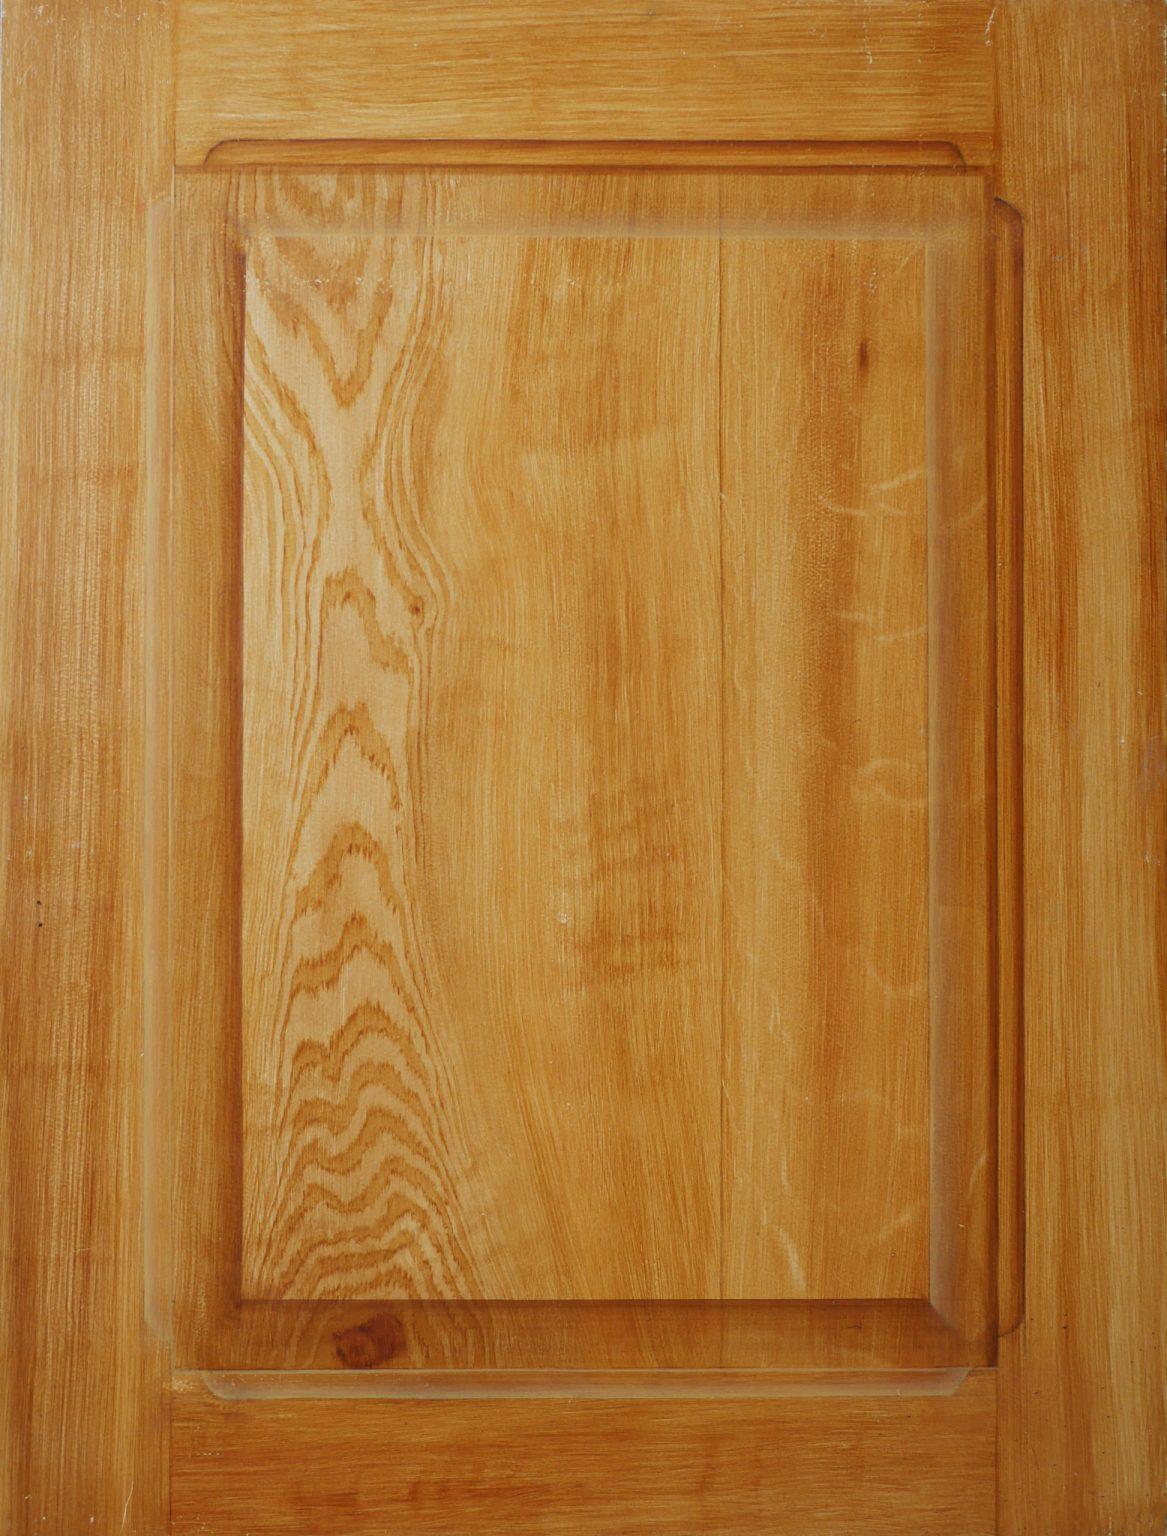 Décor imitation bois chêne, faux bois effet de matière. Assilem décors, peinture décorative, peintre en décor à Bordeaux